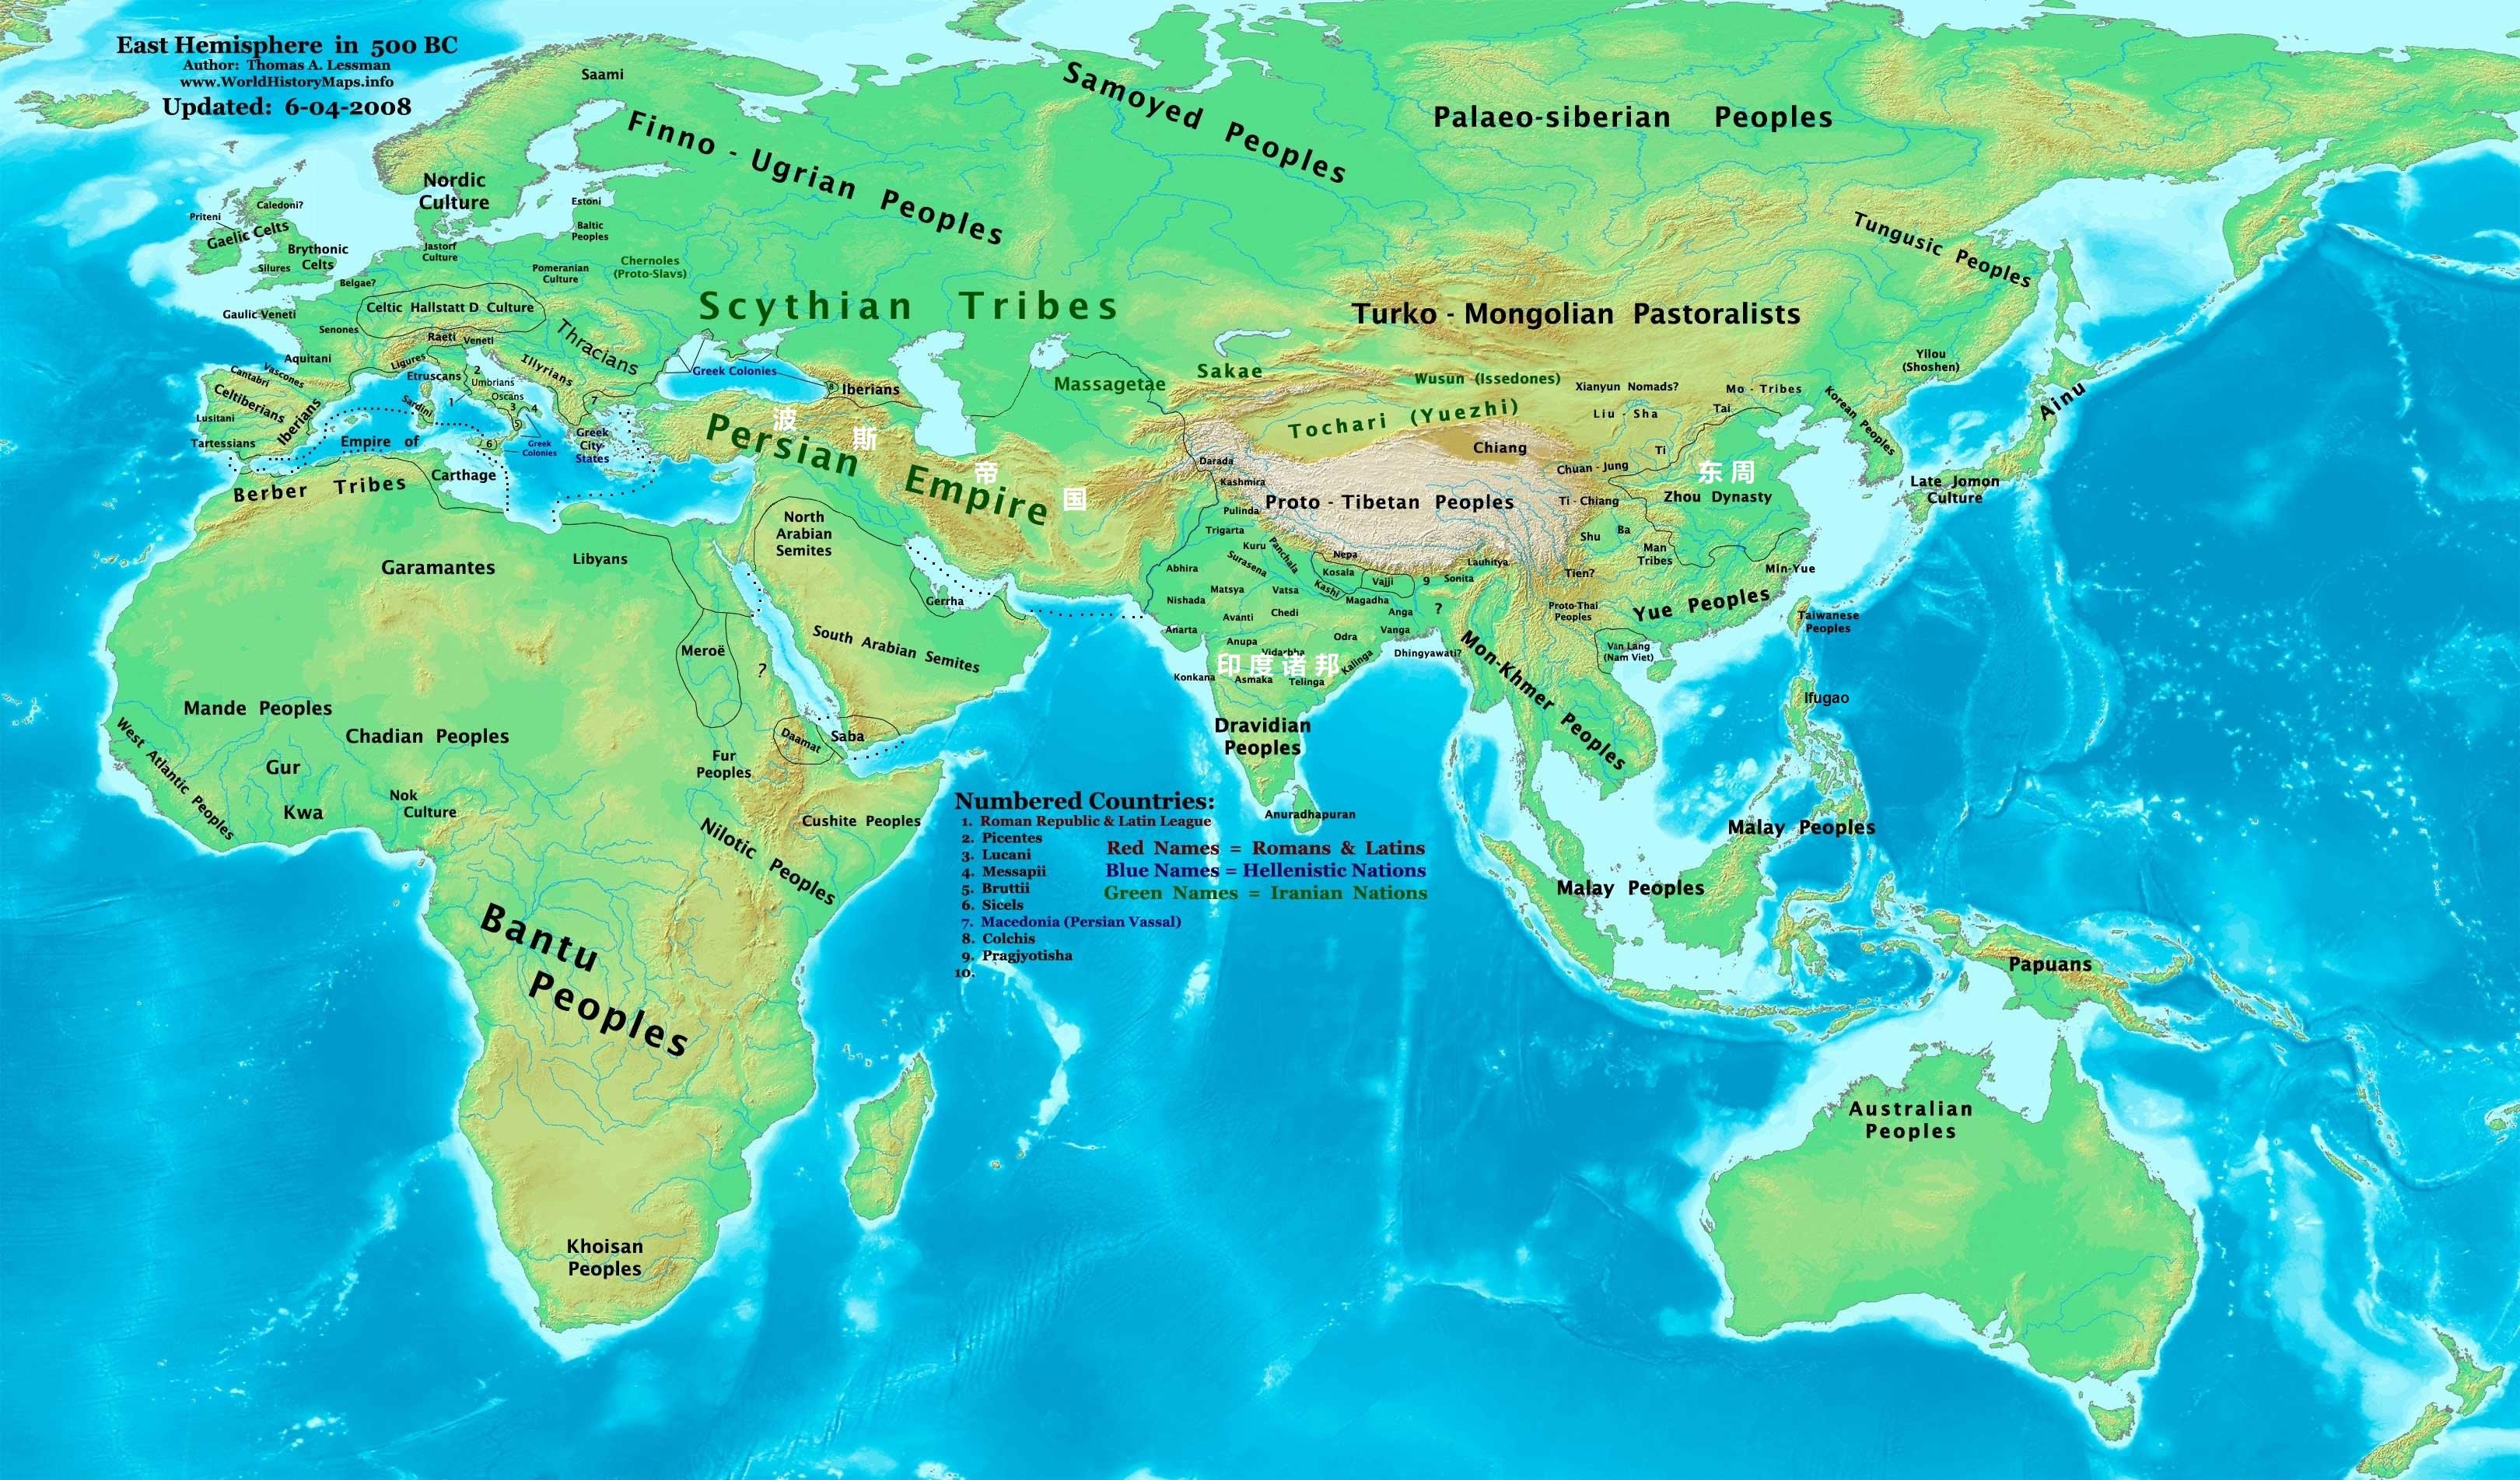 上图:玛拉基时代东半球的主要国家和民族。波斯阿契美尼德帝国是当时全世界最大的统一国家,而中国、印度、希腊、罗马都是分散的小国或城邦。